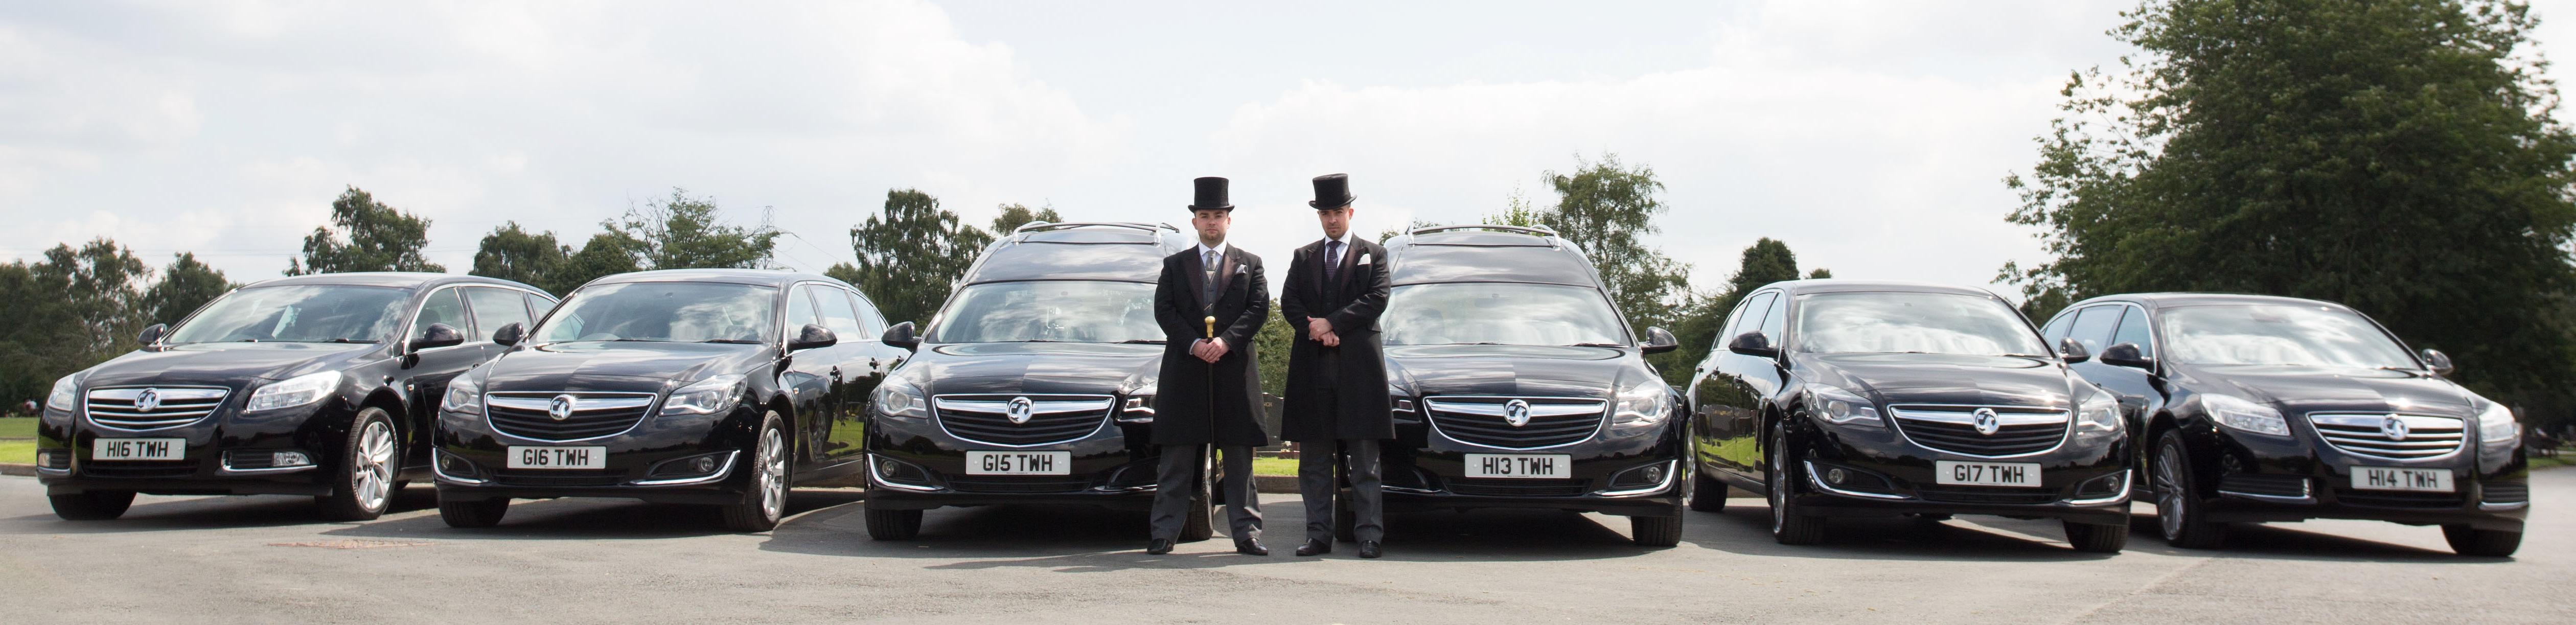 funeral cars wolverhampton